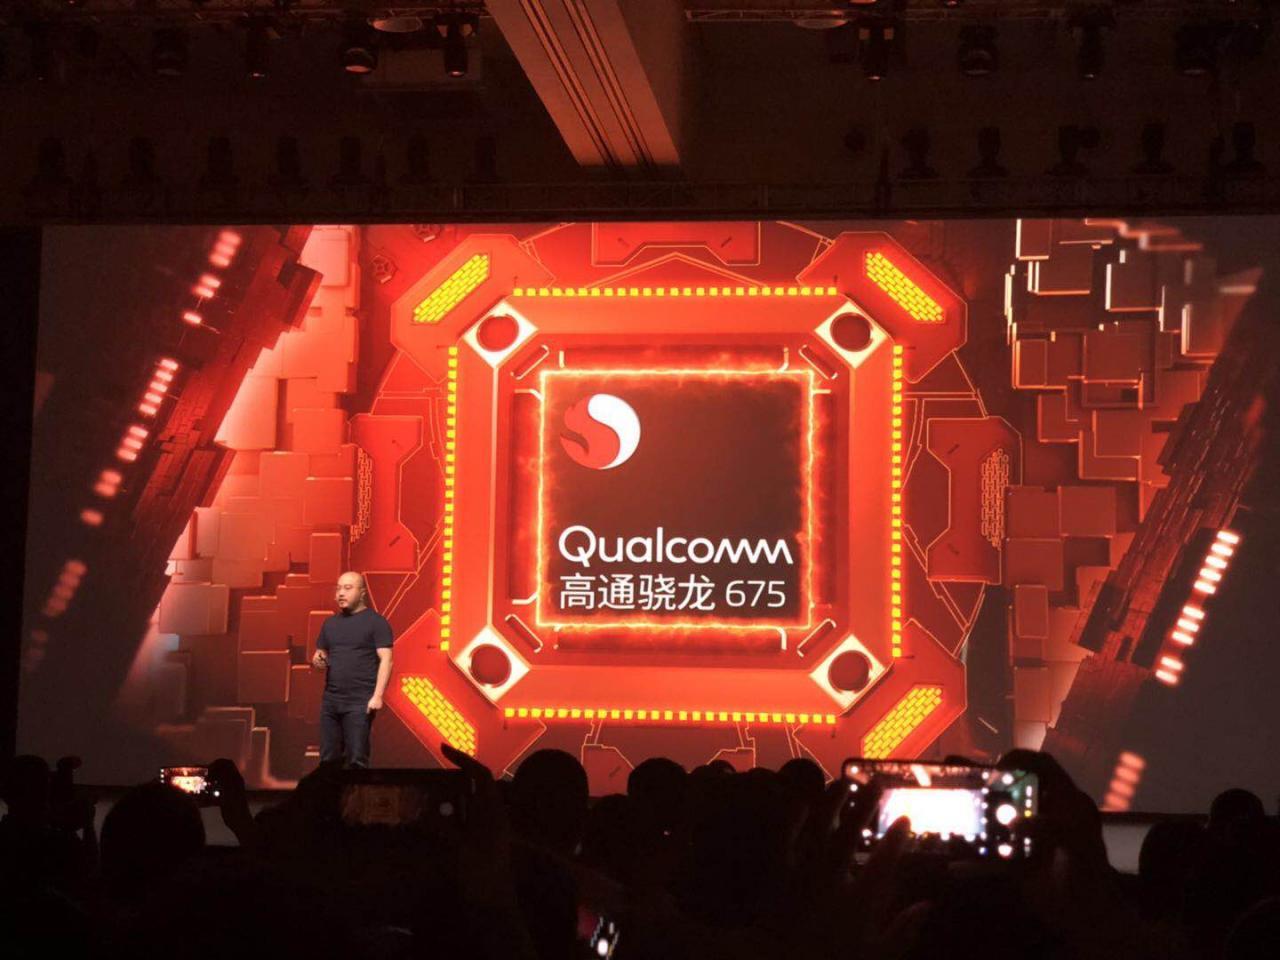 魅族16Xs发布,售价1698元起 搭载Flyme 7.3 热点资讯 第3张